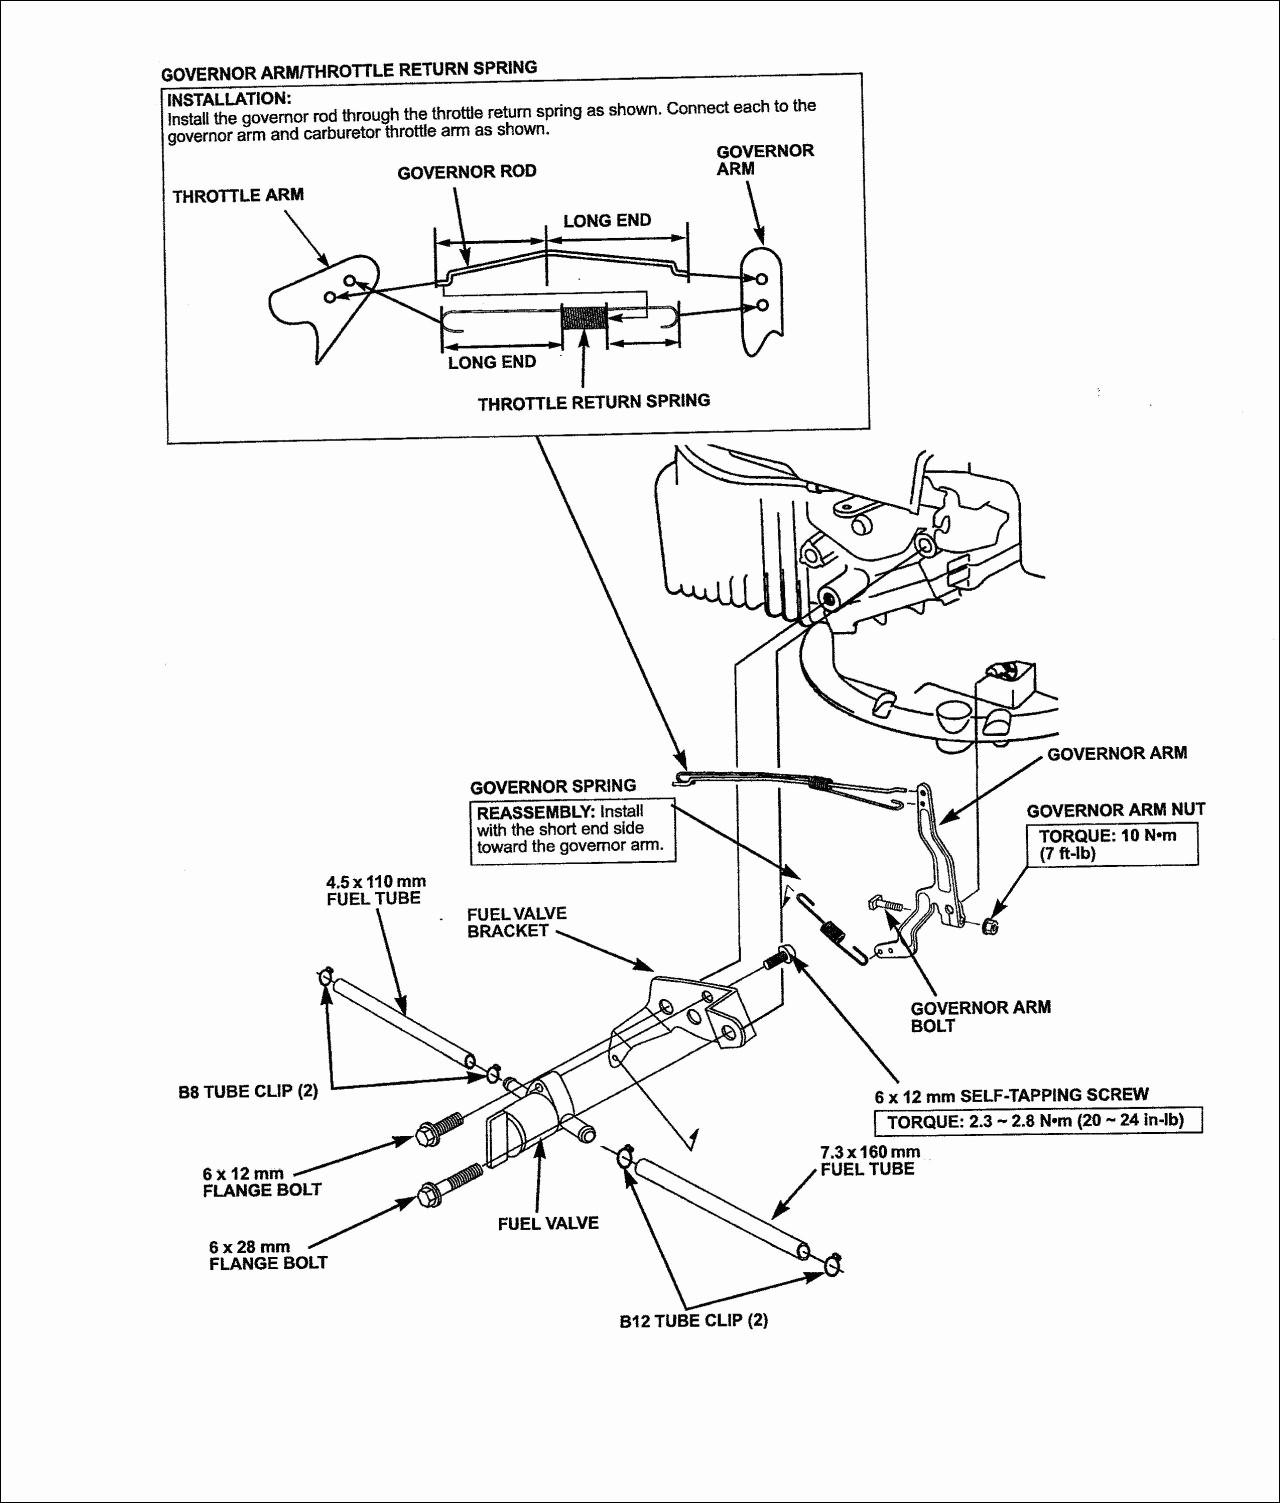 2000 Nissan Pathfinder Engine Diagram 2014 Nissan Frontier Engine Diagram Automotive Block Diagram • Of 2000 Nissan Pathfinder Engine Diagram